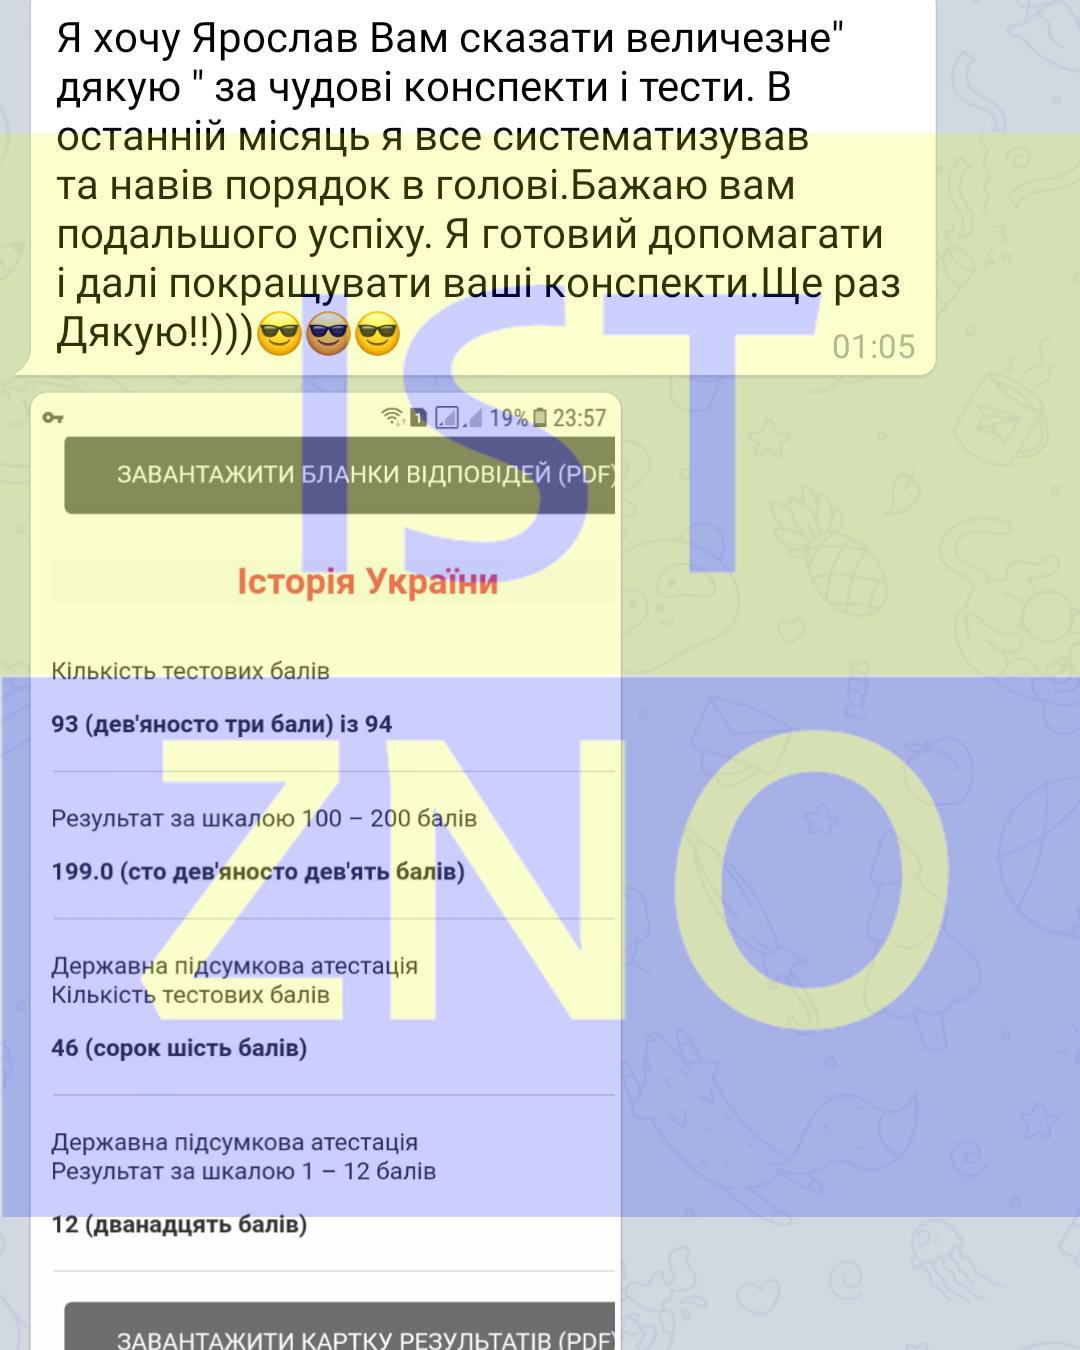 Screenshot_2019-06-22-01-24-50-741_org.telegram.messenger